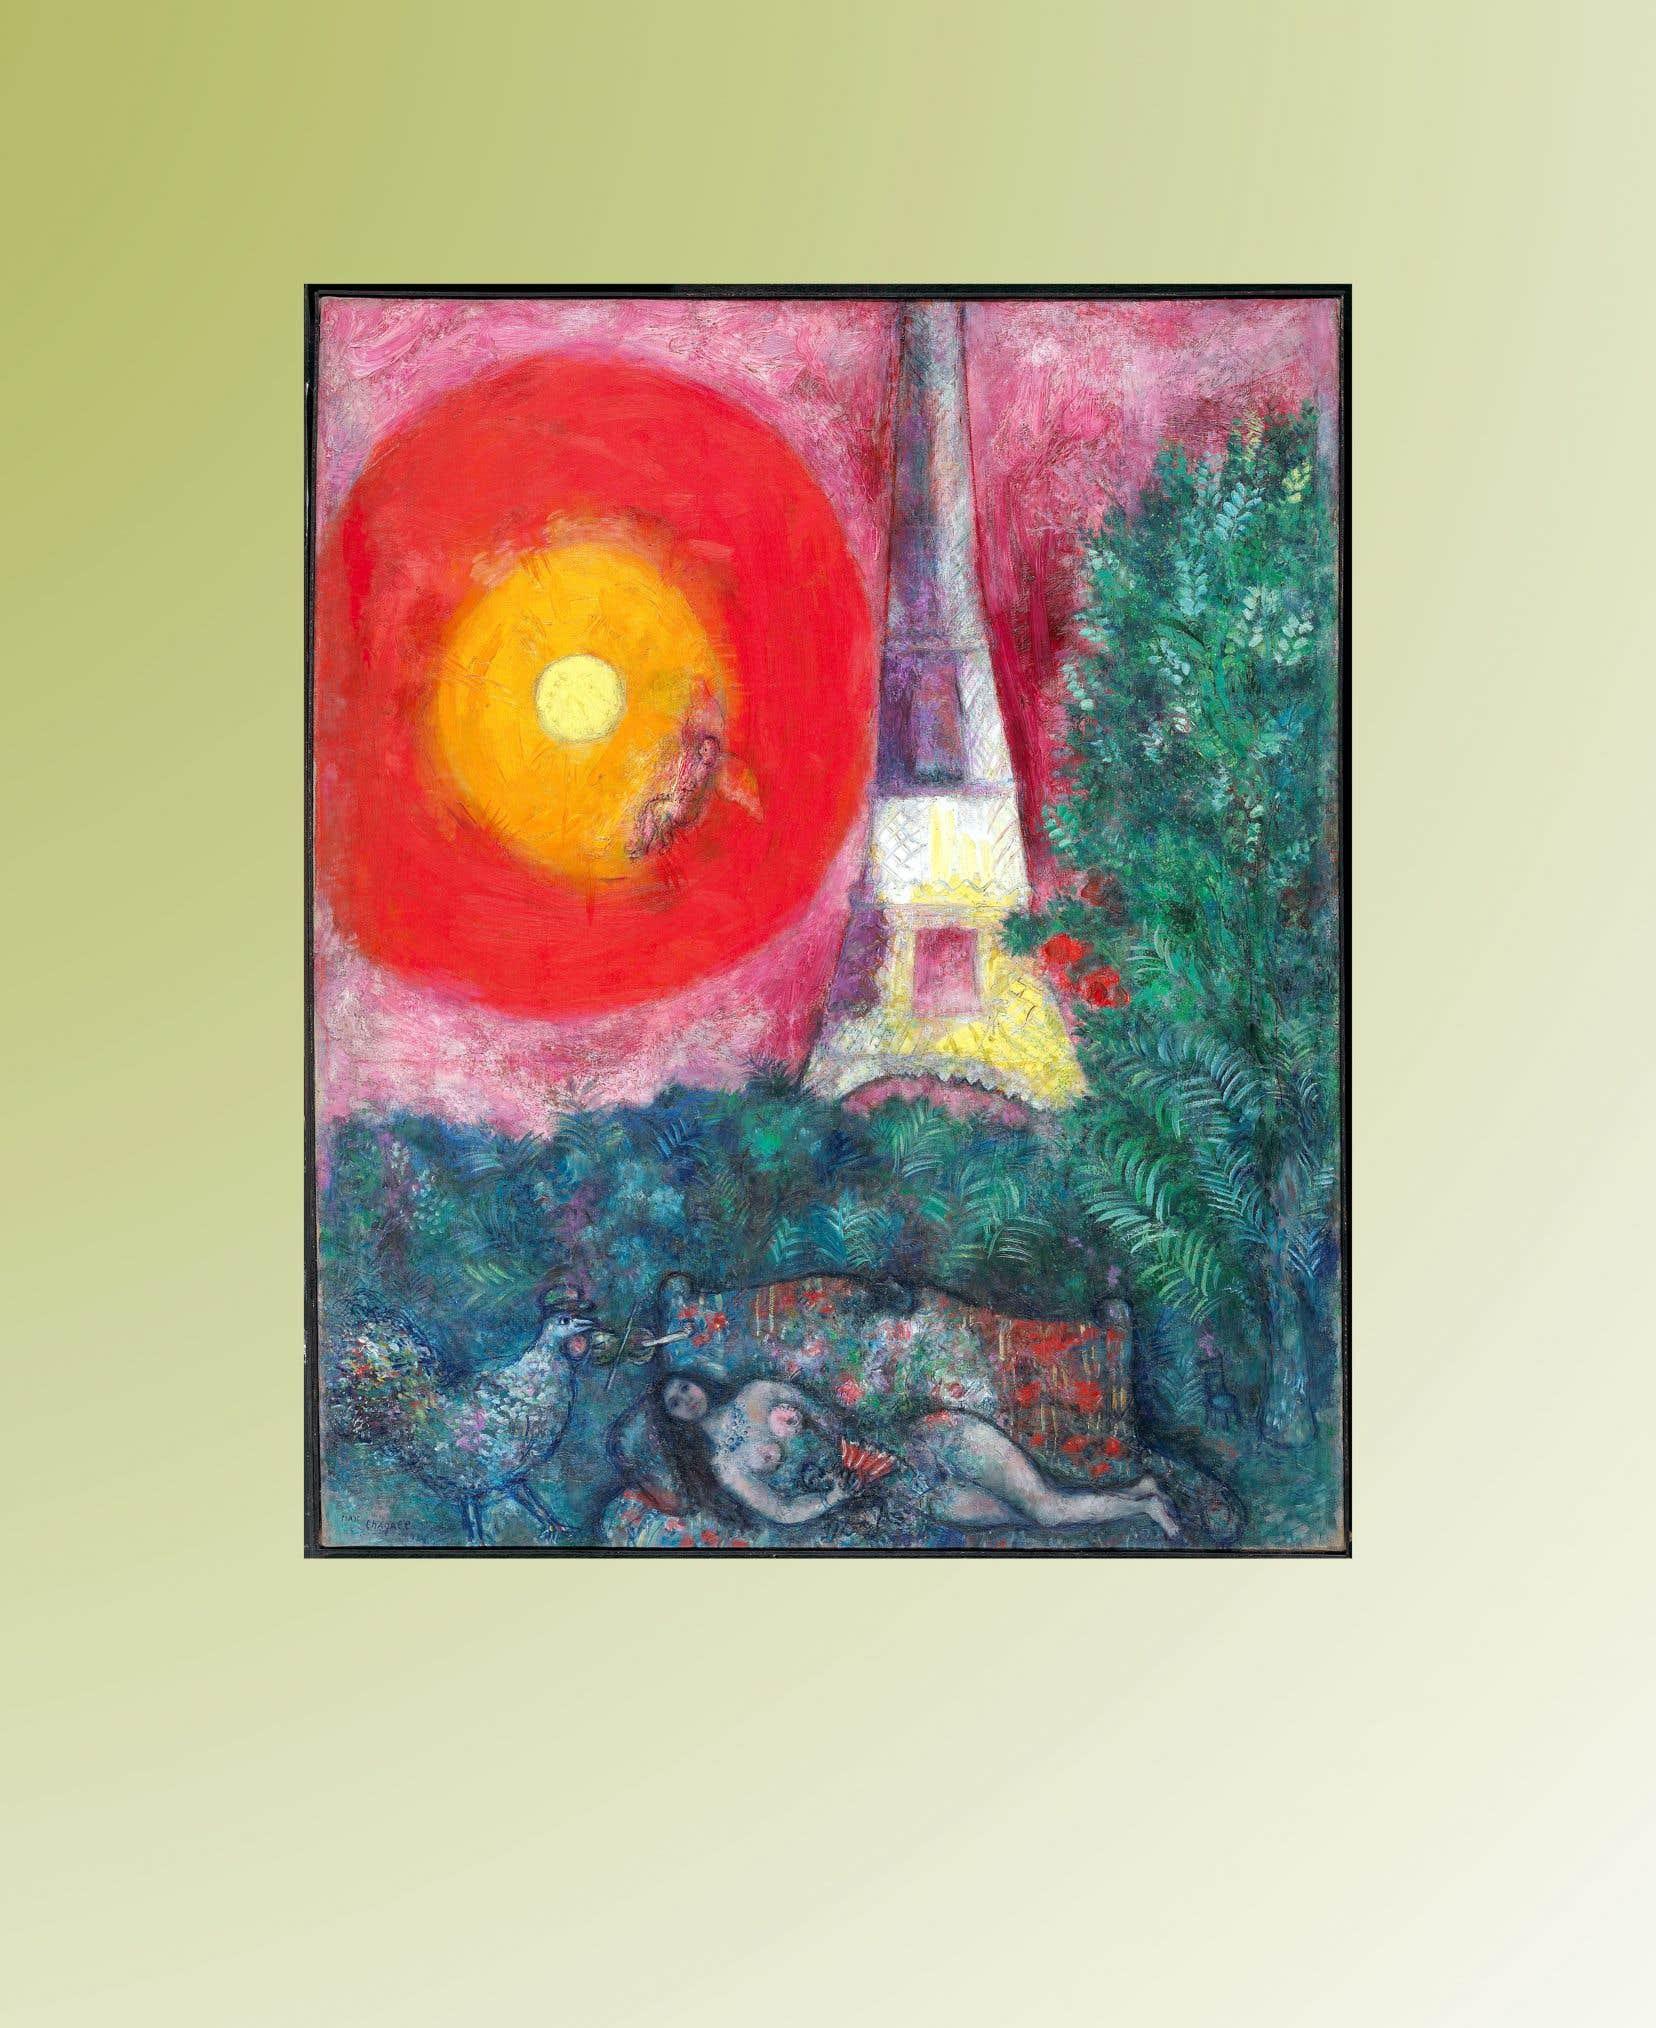 Le Musée des beaux-arts du Canada a raté récemment son projet de mettre aux enchères le Chagall intitulé «La tour Eiffel».